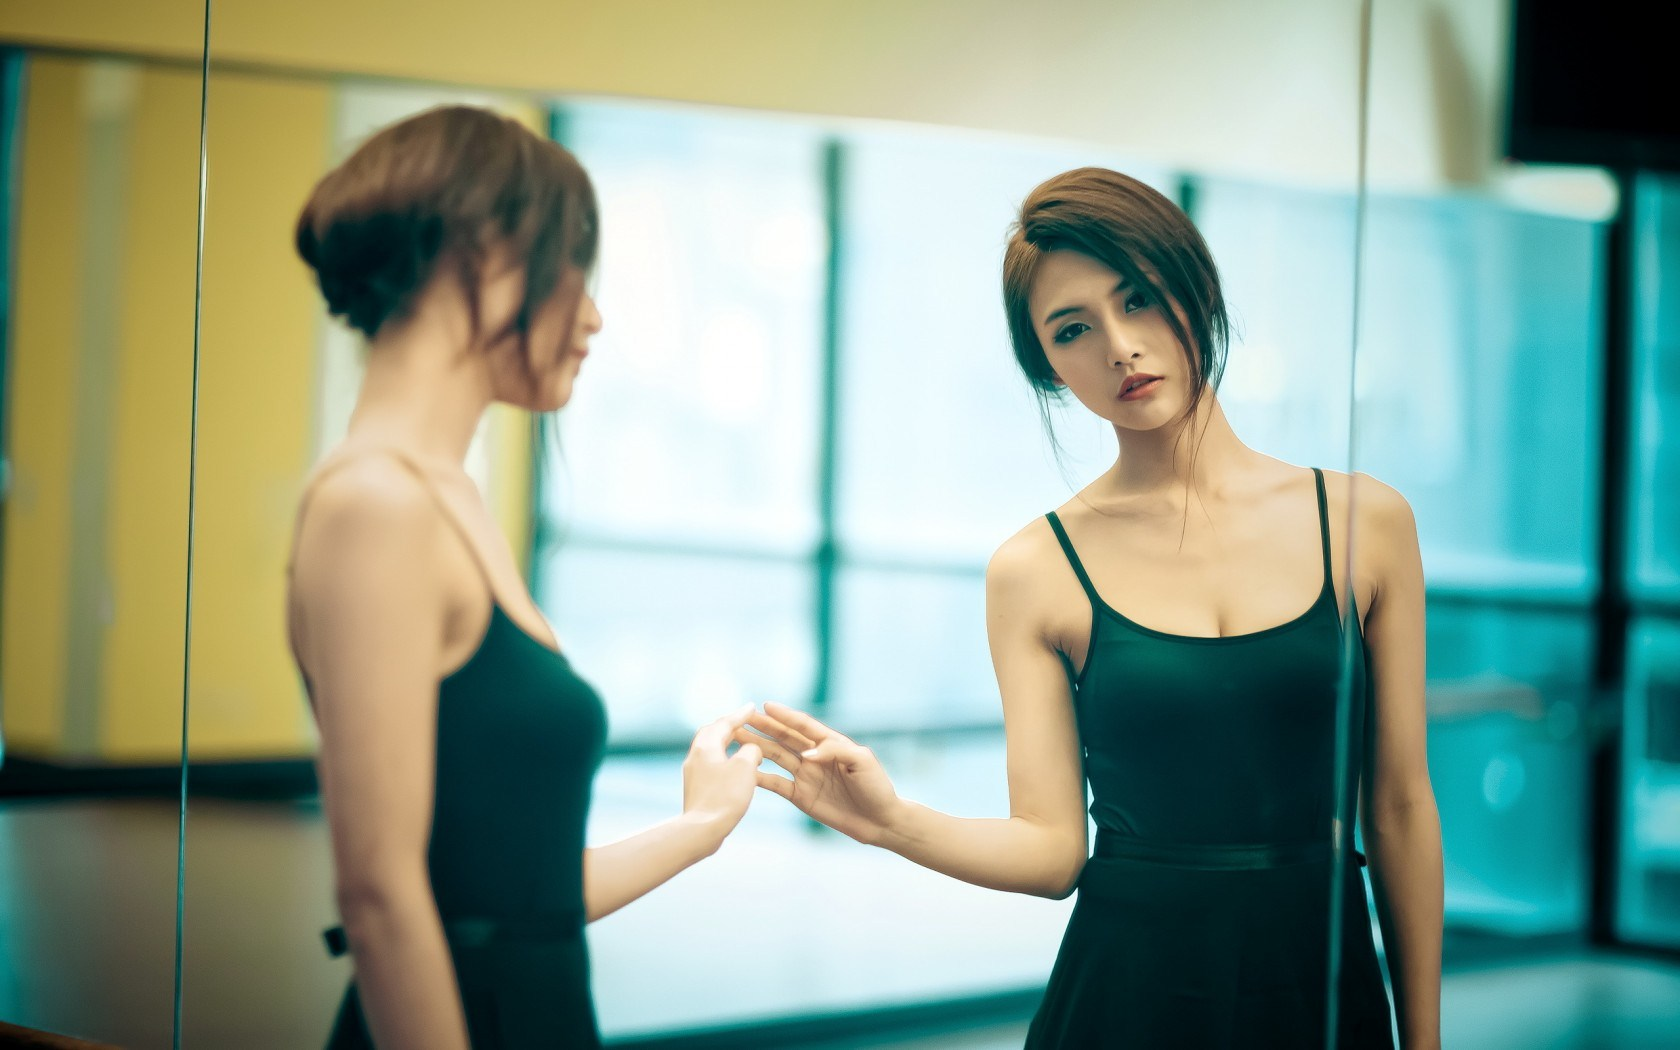 bellissima ragazza allo specchio